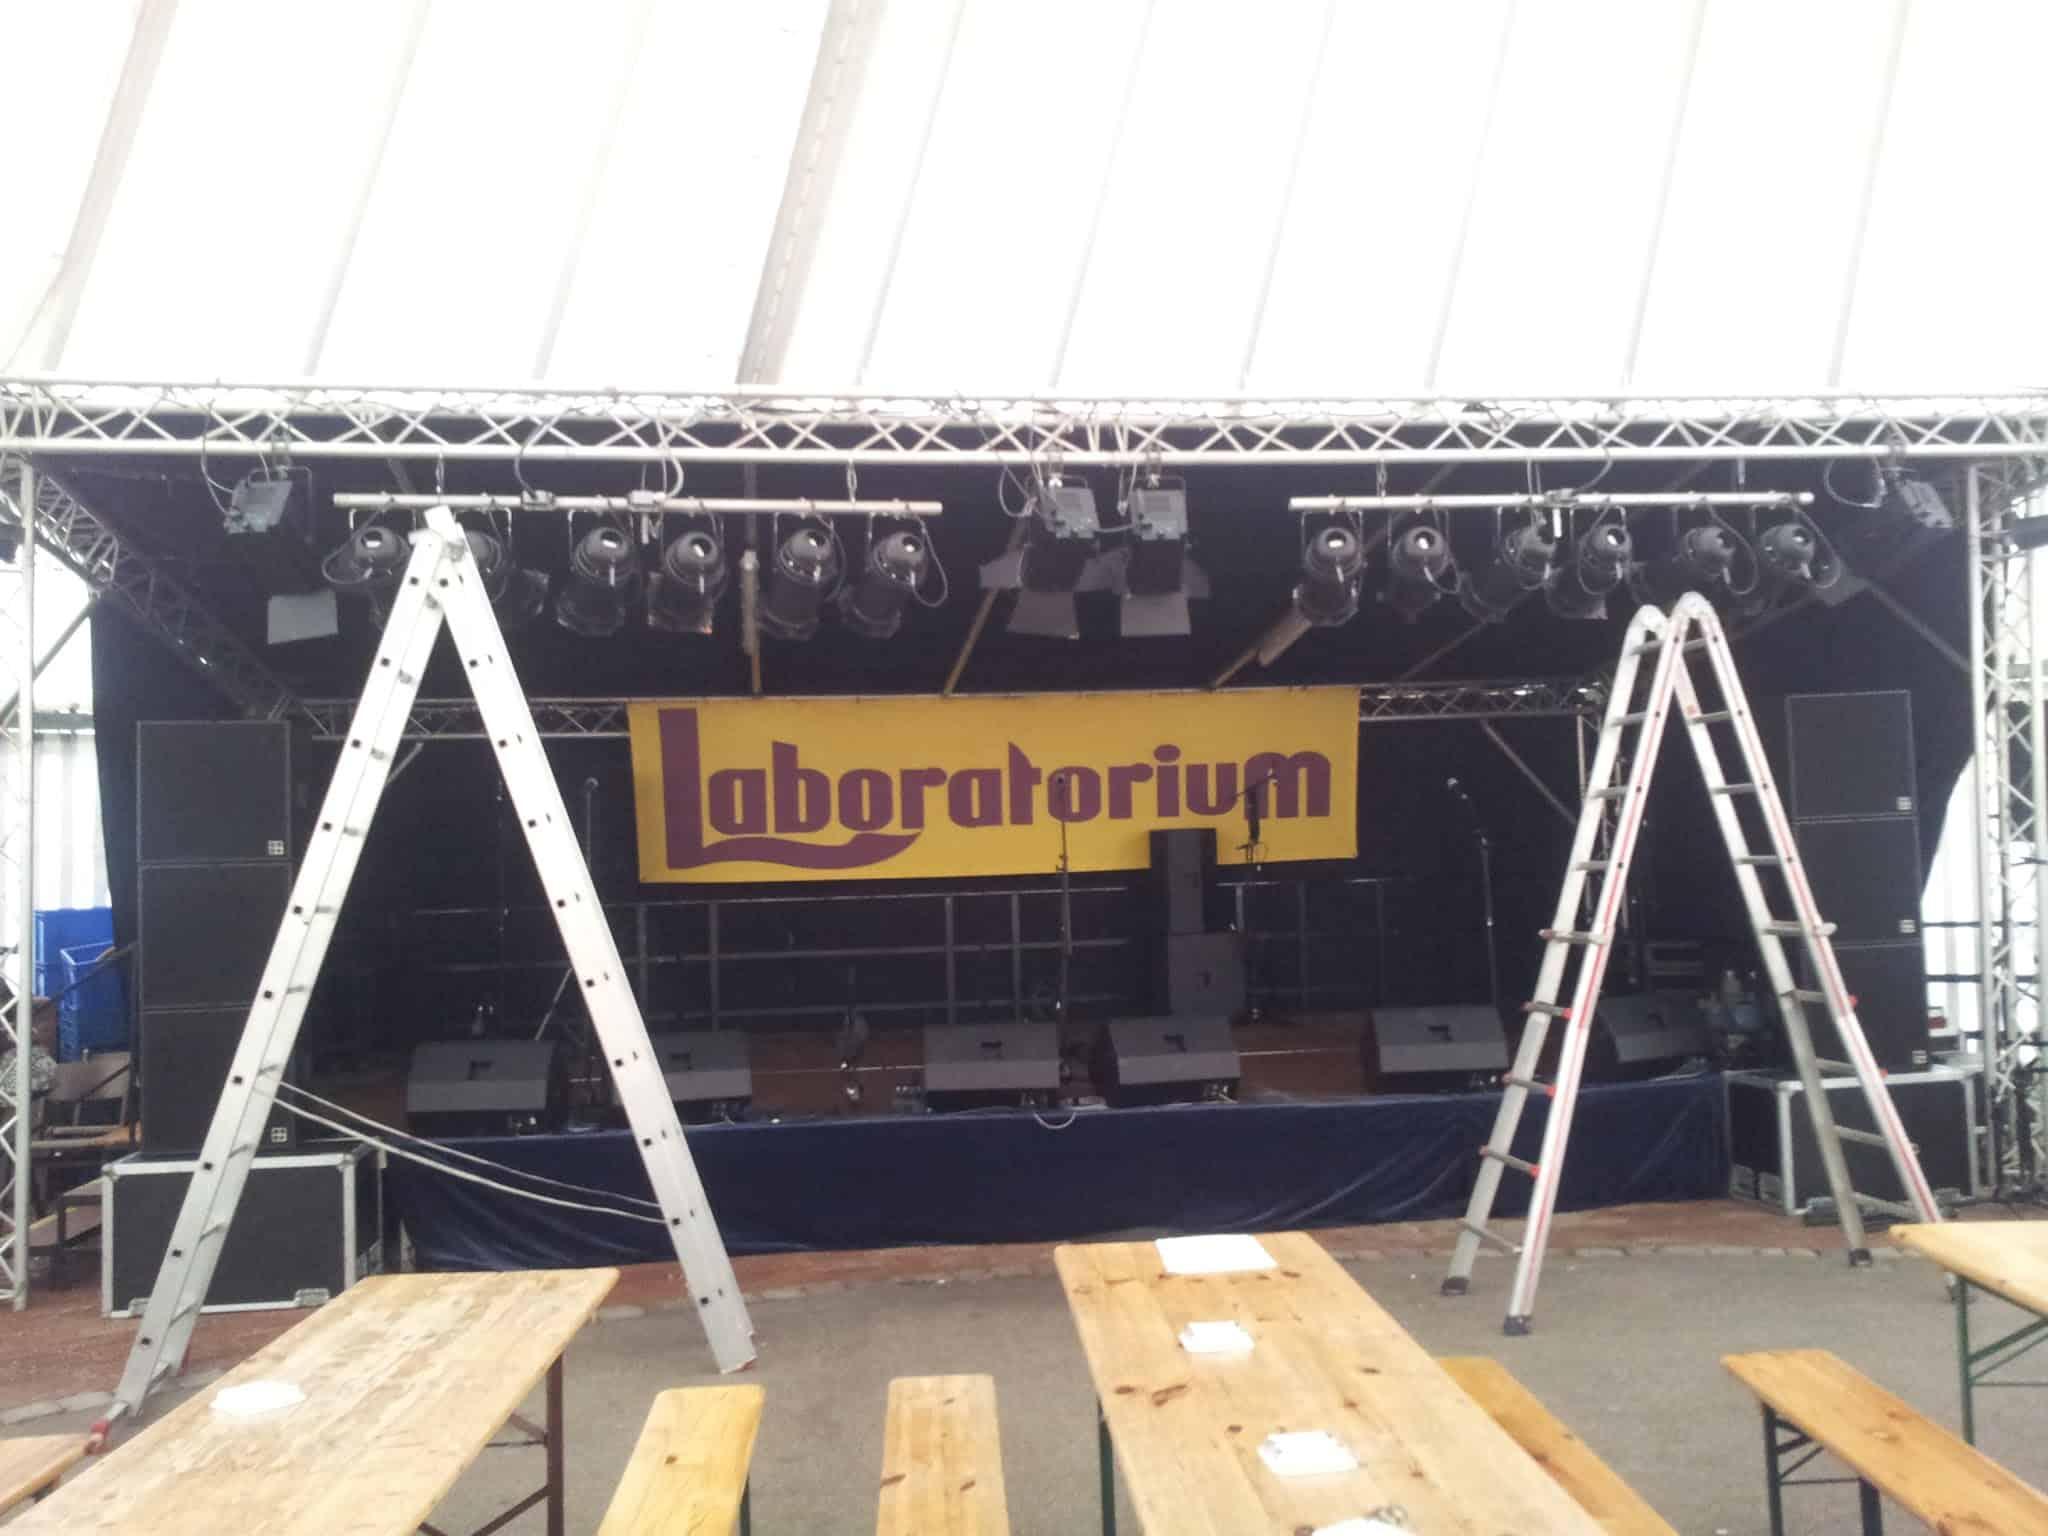 Bild von der Bühne, bevor alles los ging..